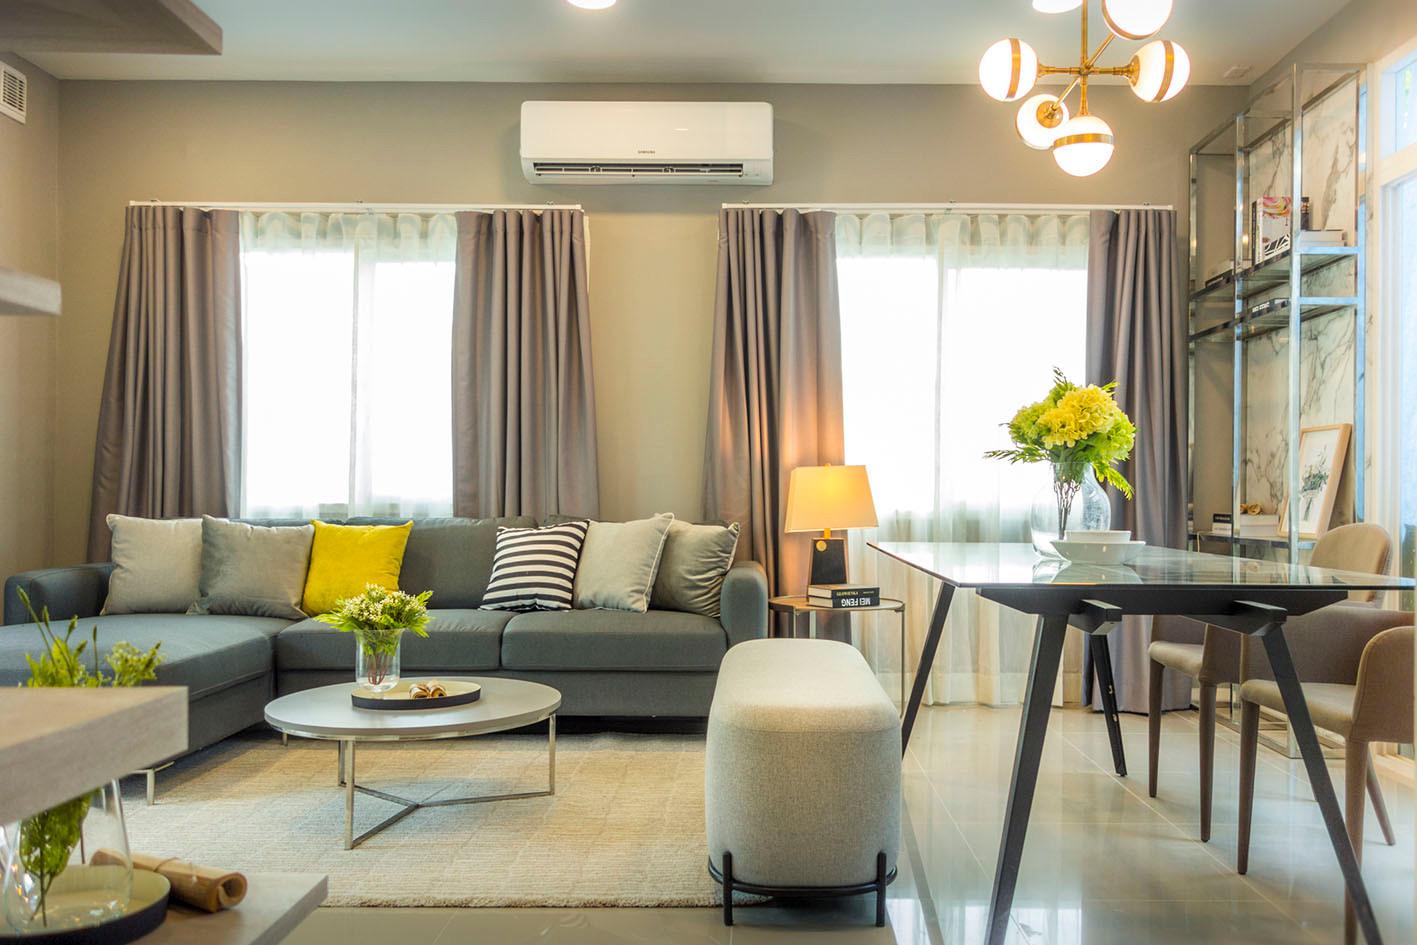 Baan 16 SQ.wa | Living Room